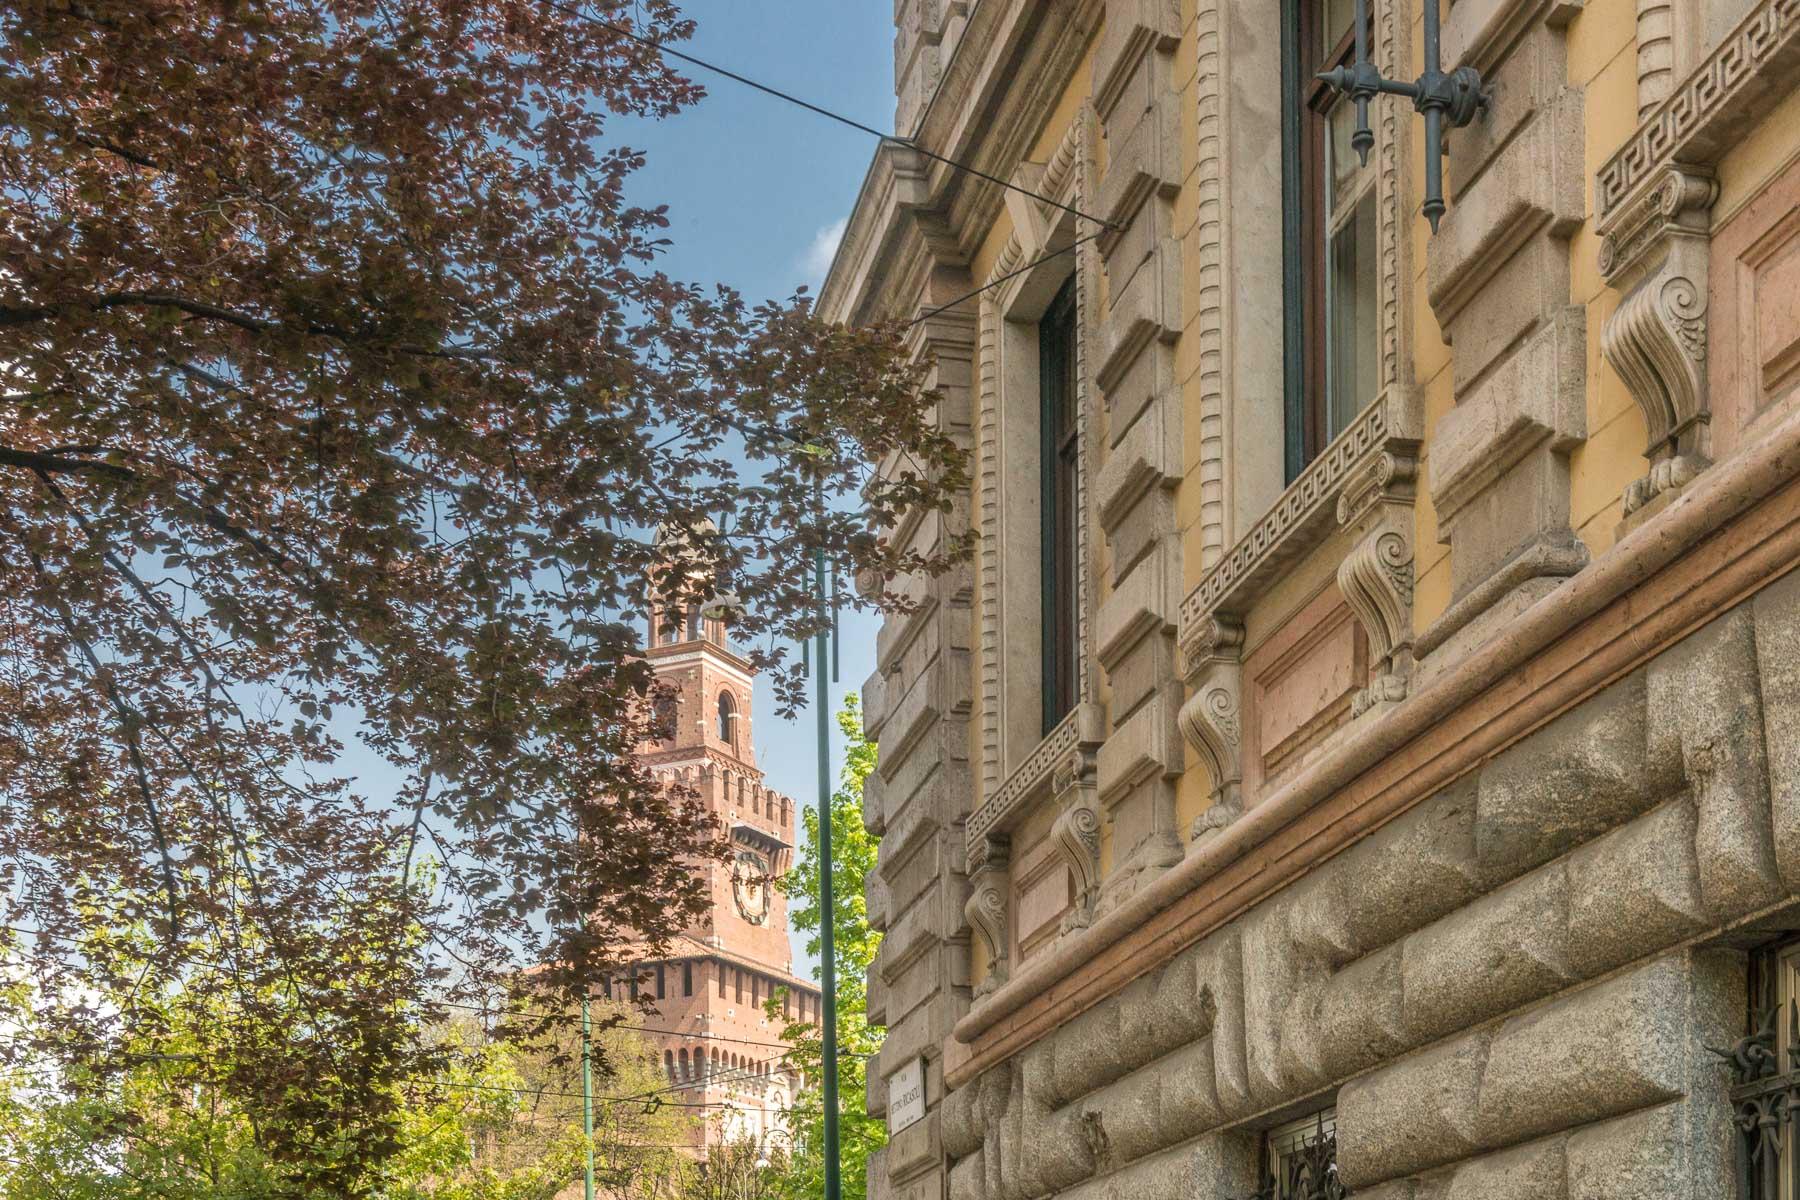 Appartamento in Vendita a Milano 01 Centro storico (Cerchia dei Navigli): 2 locali, 85 mq